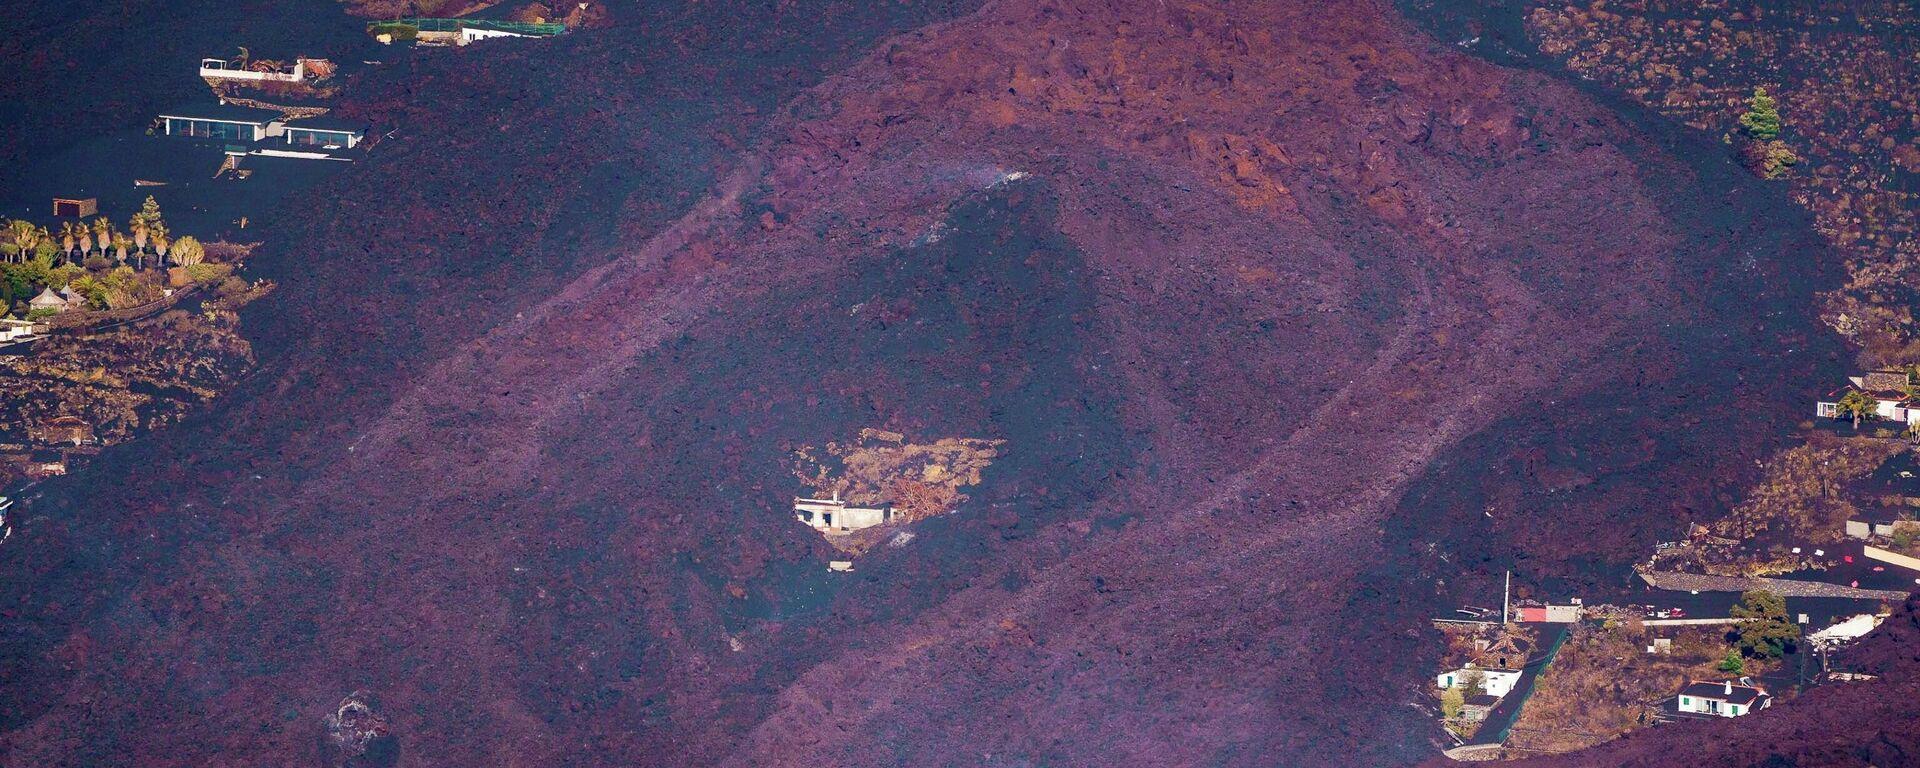 Lava teče oko kuće nakon erupcije vulkana u nacionalnom parku Kumbre Vijeha u El Pasu, na Kanarskom ostrvu - Sputnik Srbija, 1920, 27.09.2021